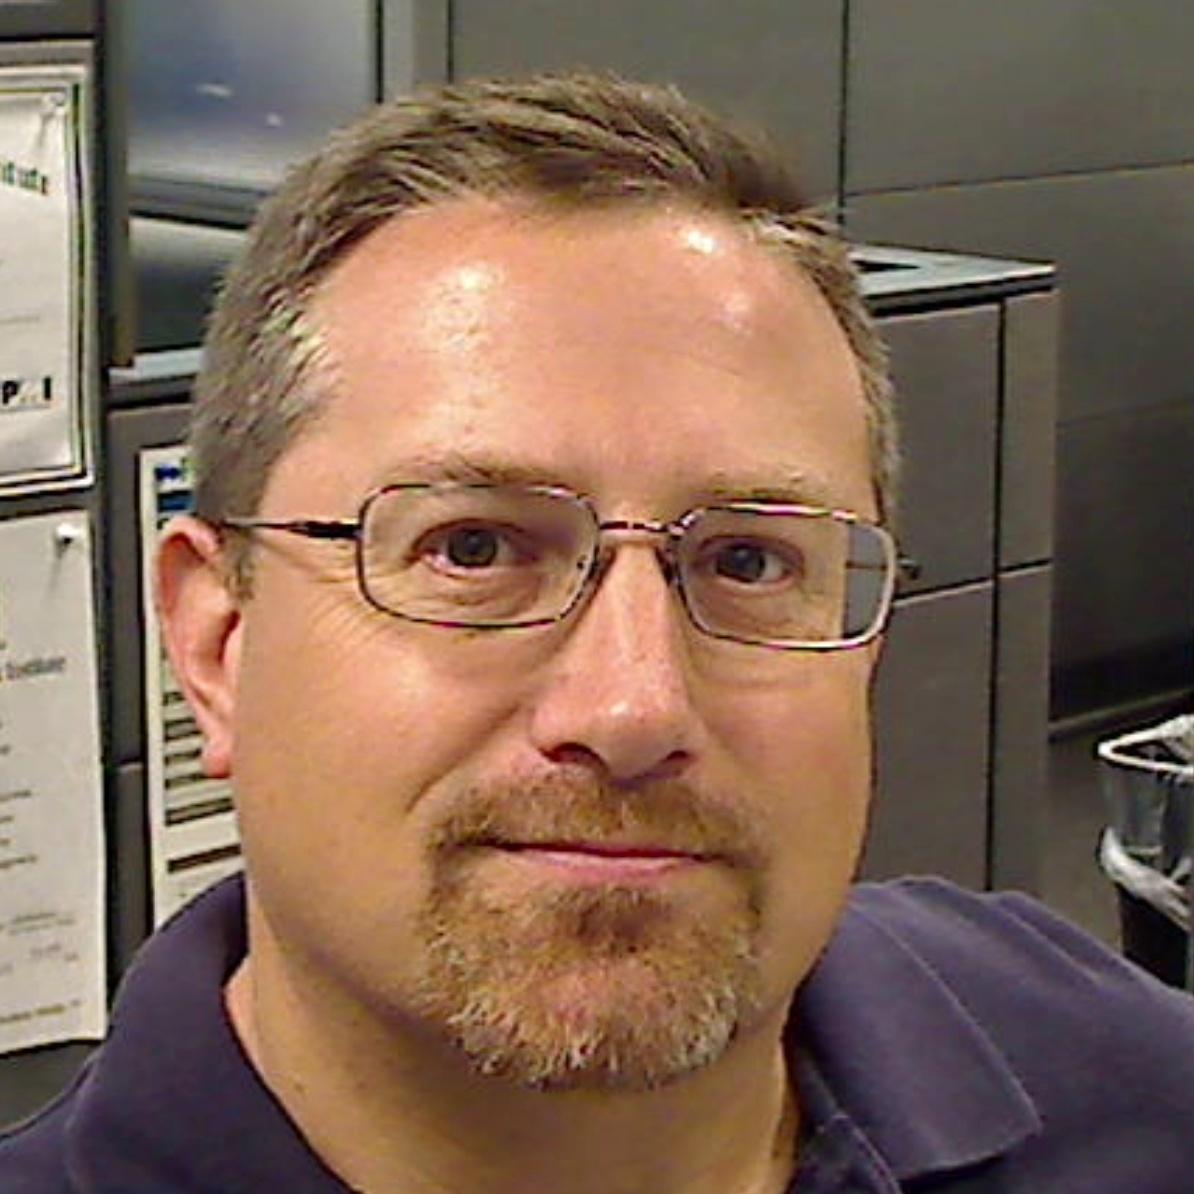 Richard Kornstedt